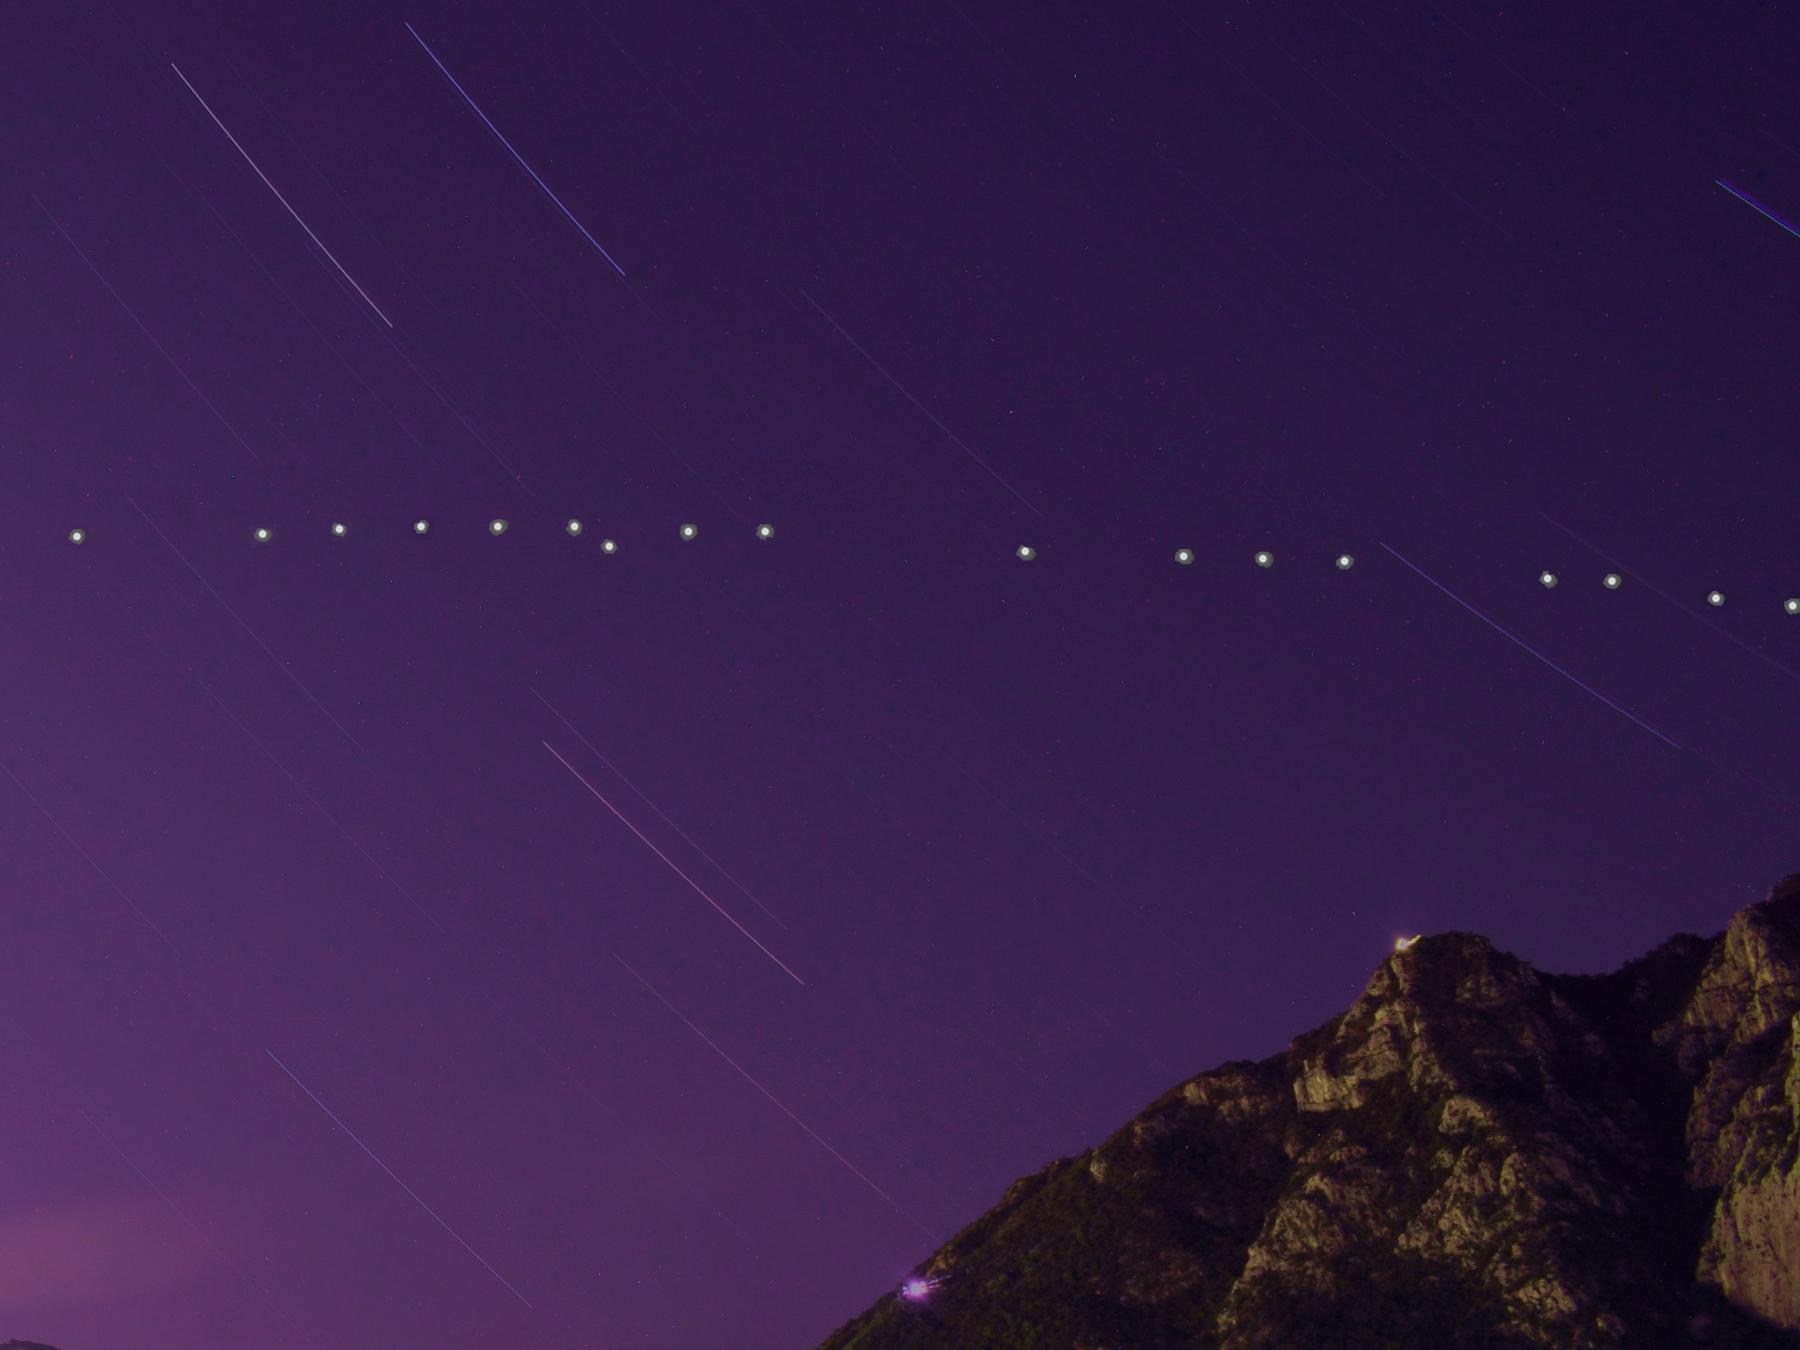 Un particolare dei satelliti sopra il monte San Martino